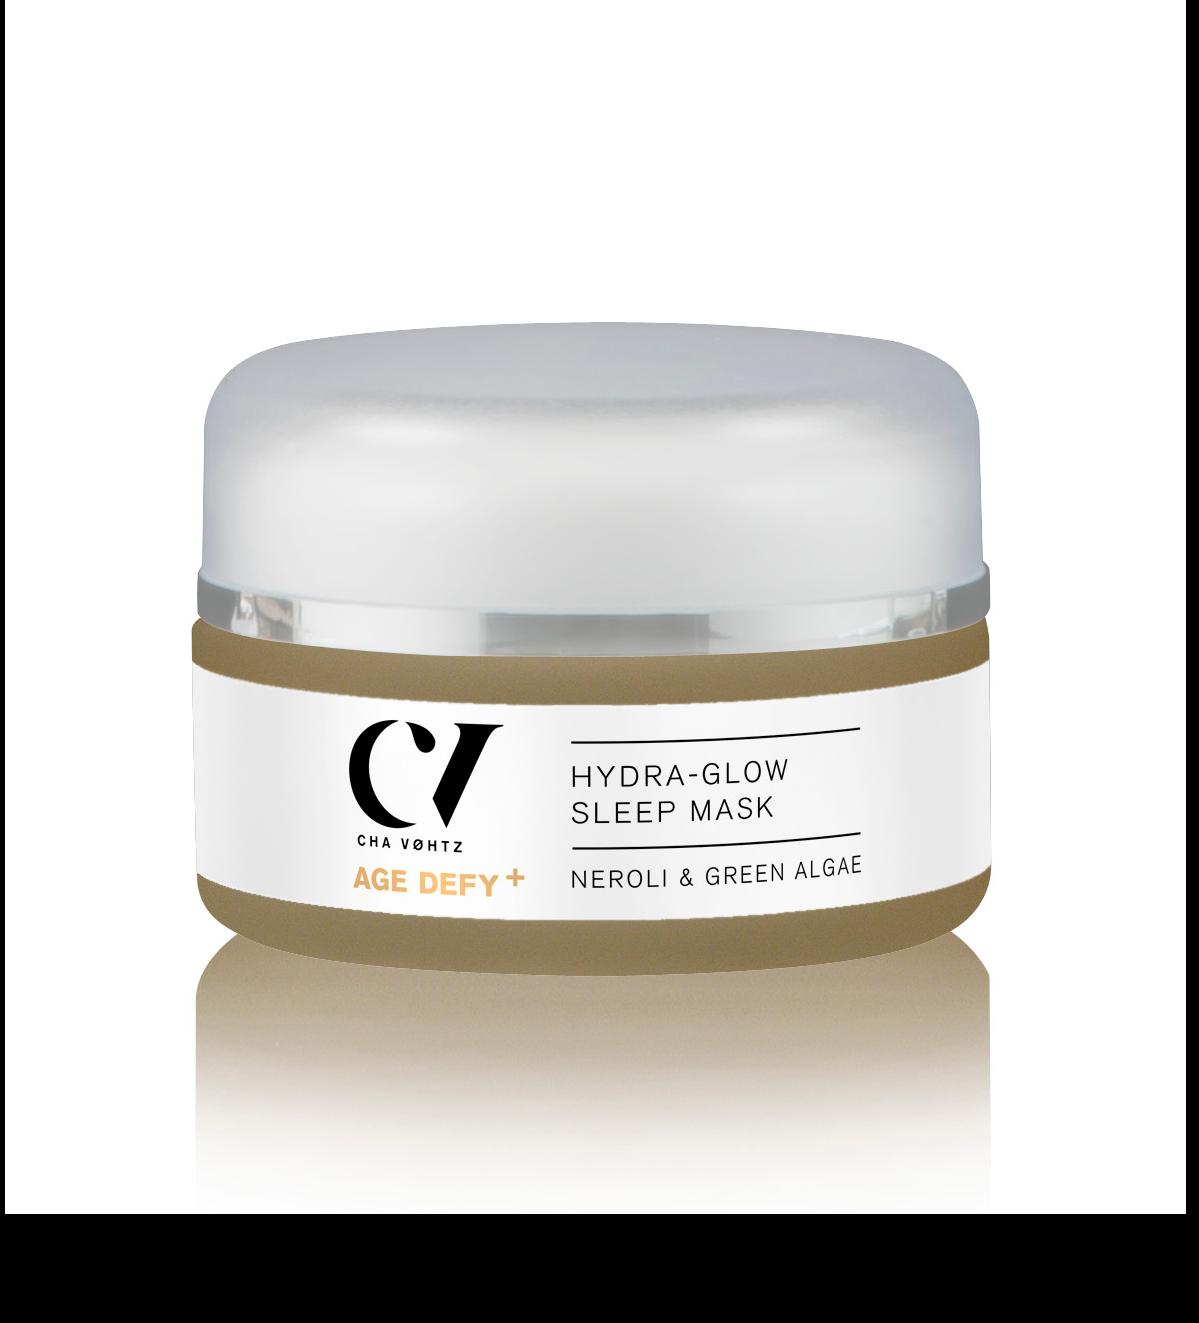 Age Defy+ Hydra-Glow Sleep Mask 50ml